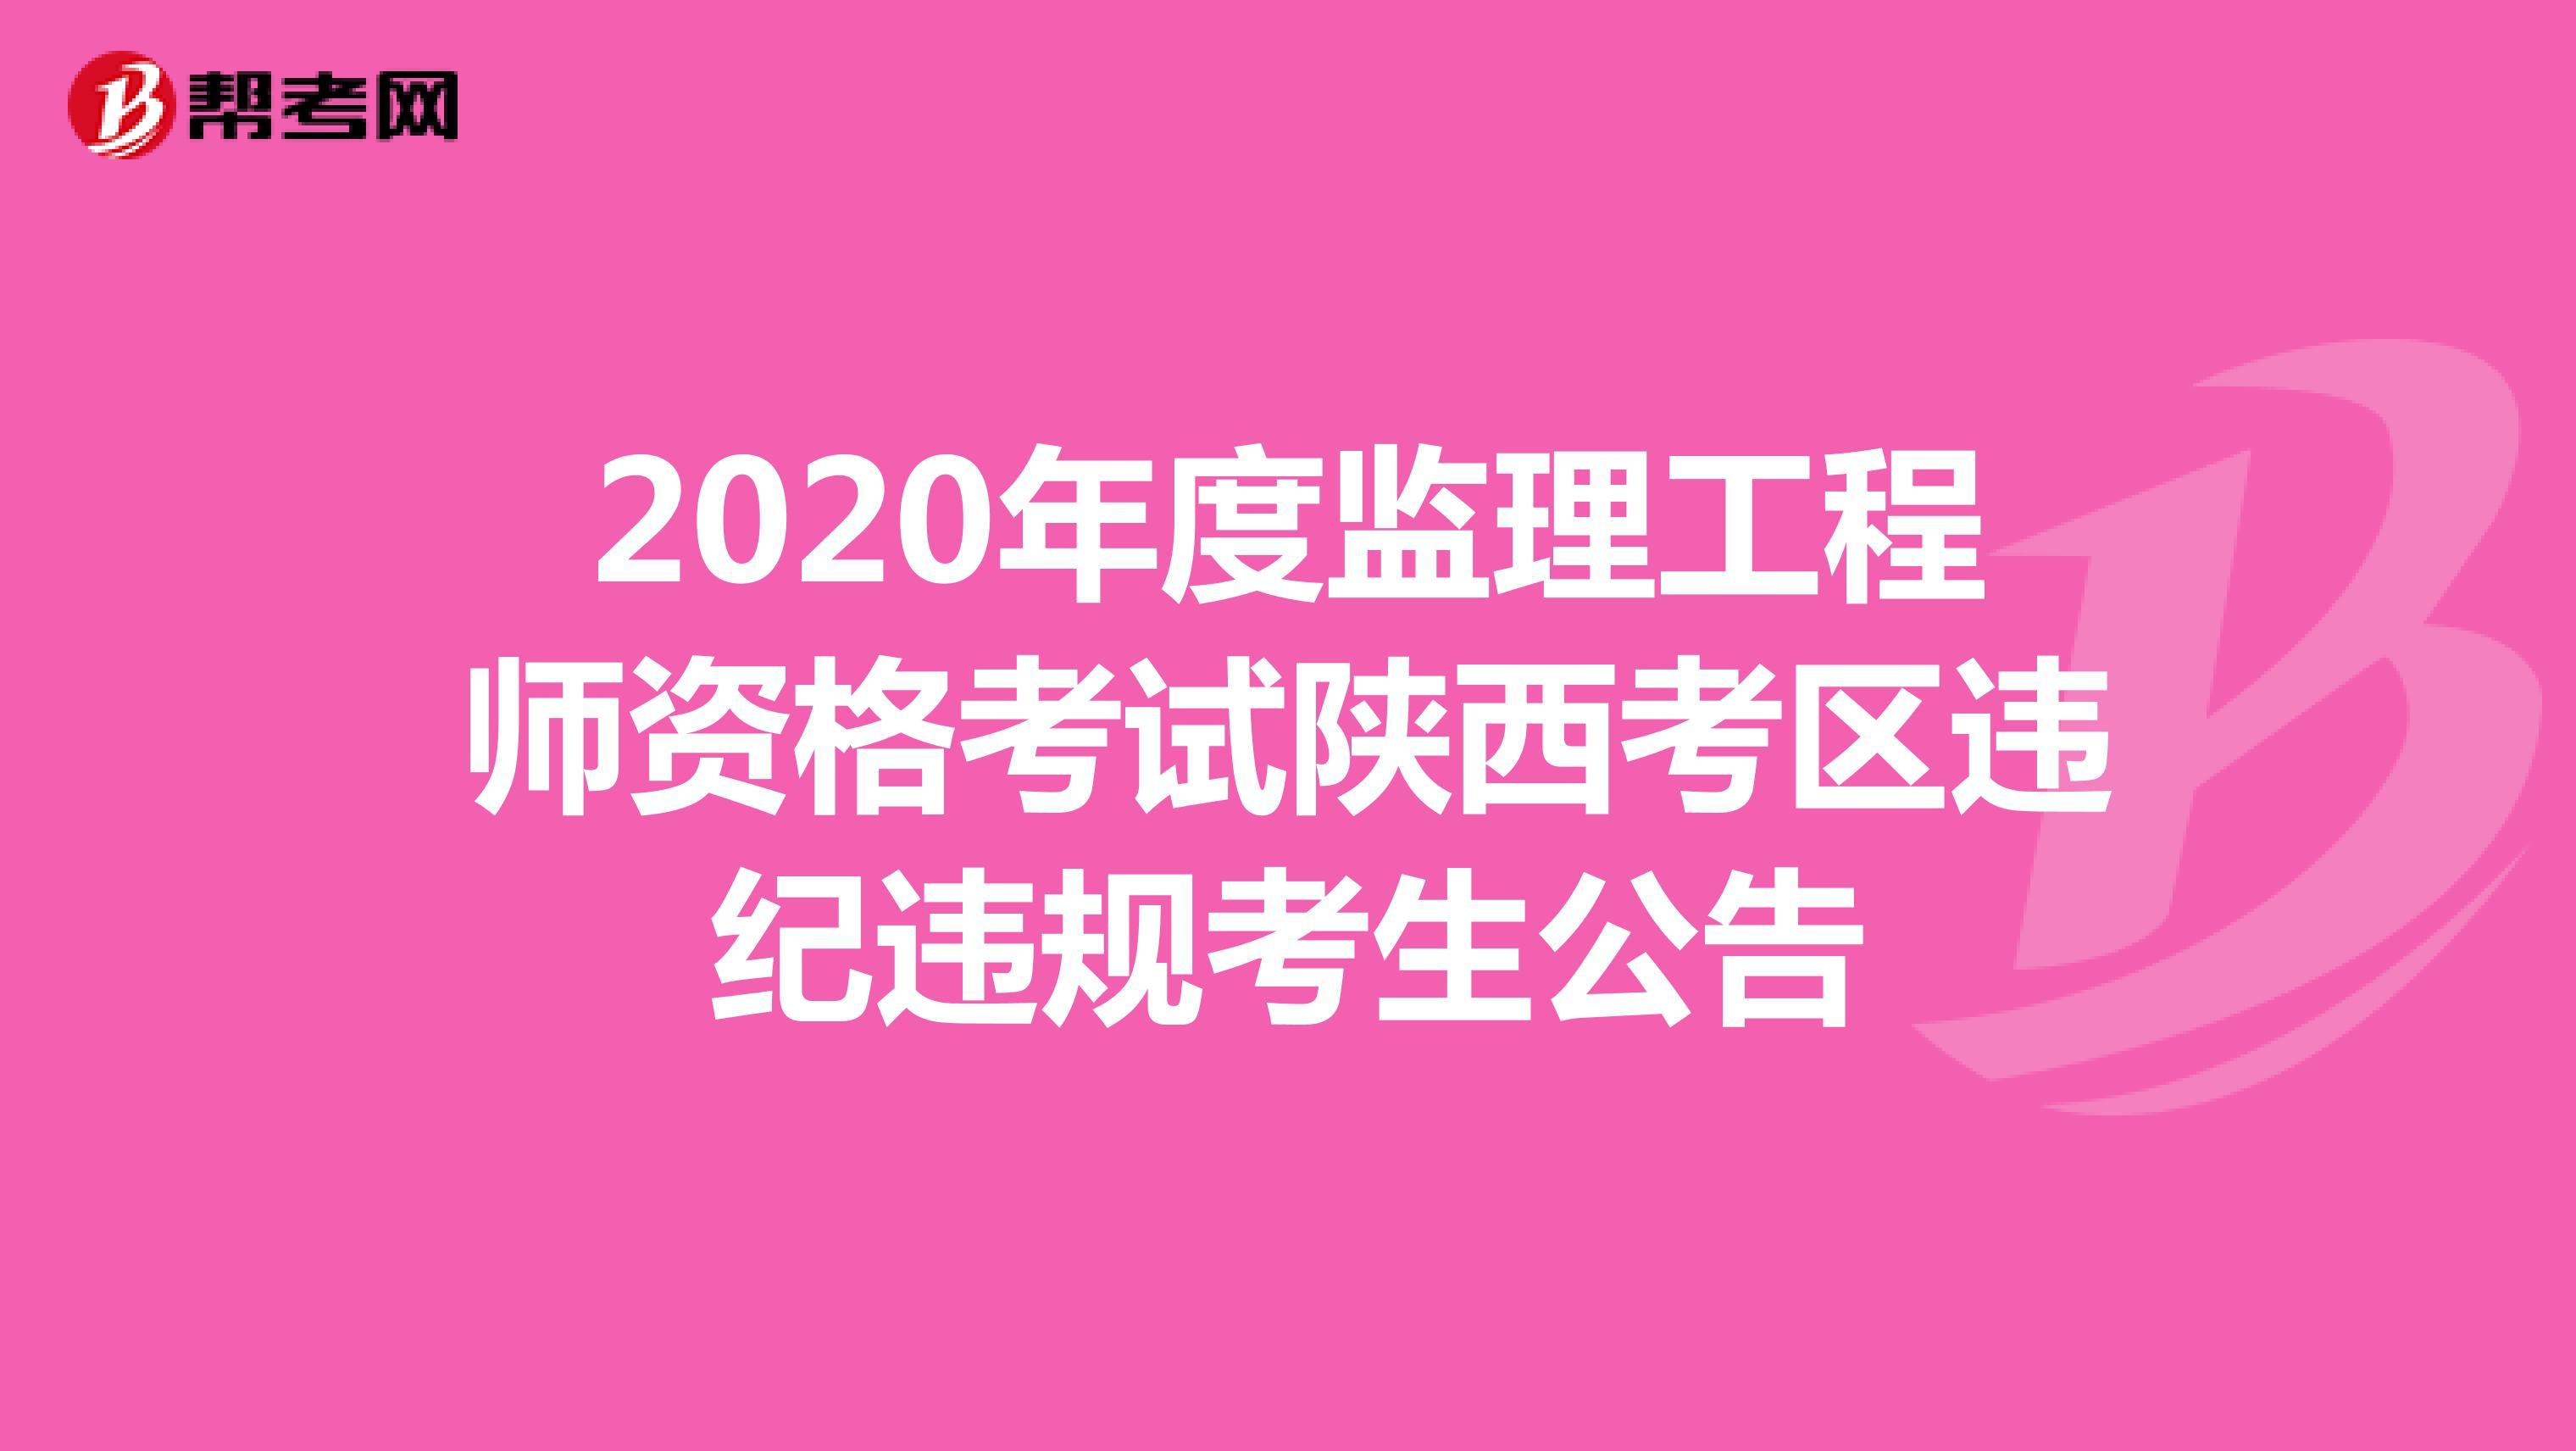 2020年度监理工程师威廉希尔陕西考区违纪违规考生公告